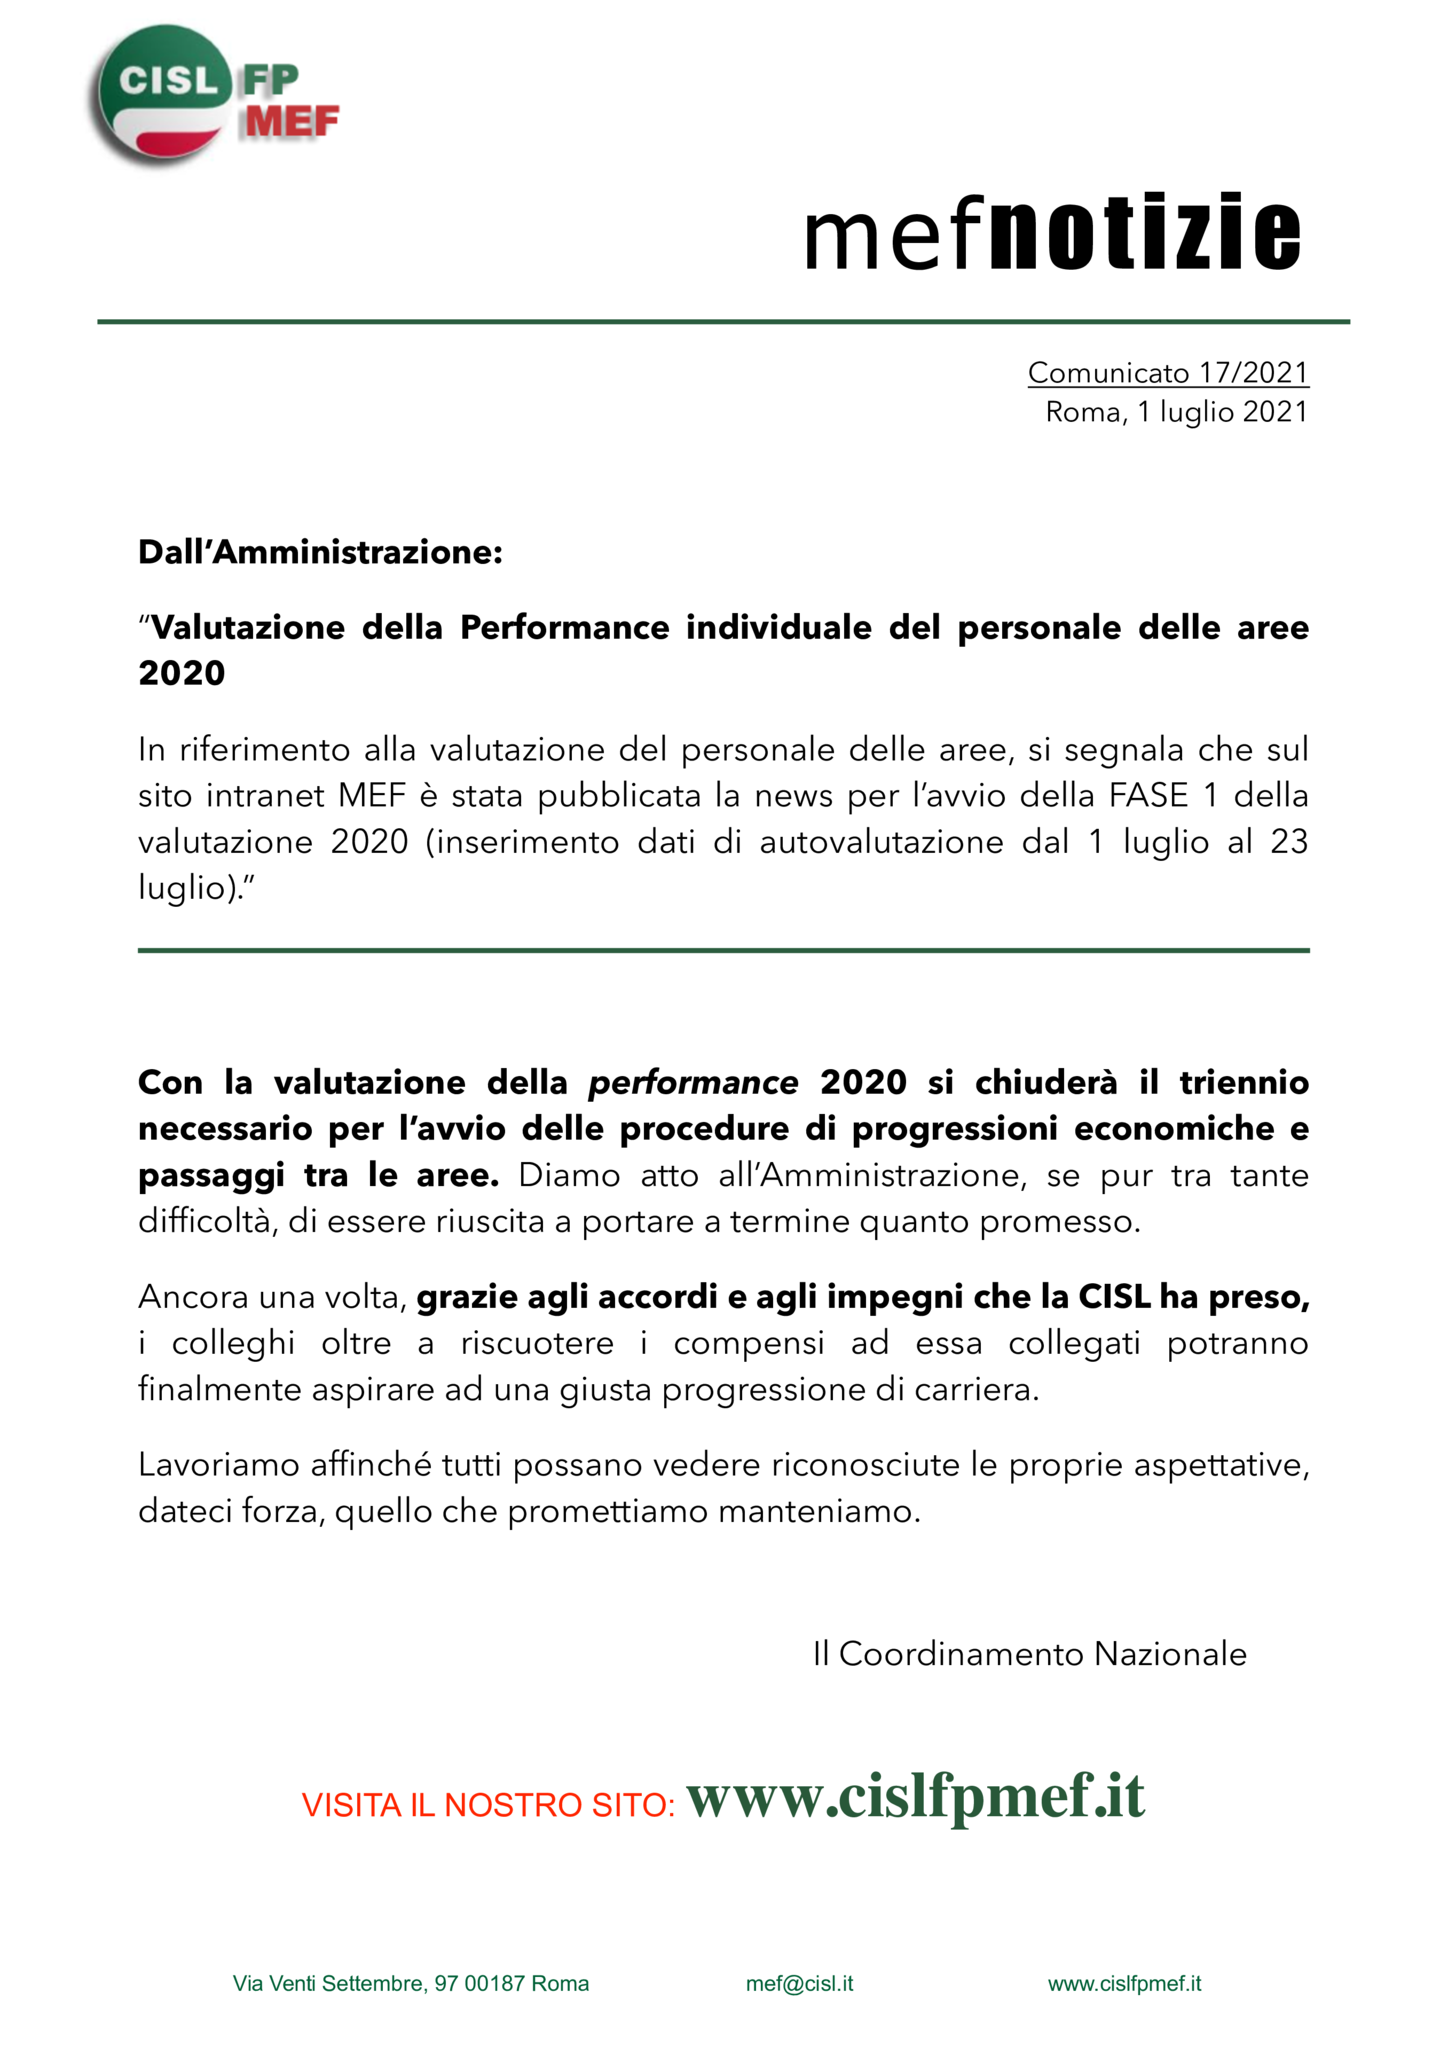 thumbnail of 1721-COMUNICATO-mef-notizie-dell1-luglio-2021-